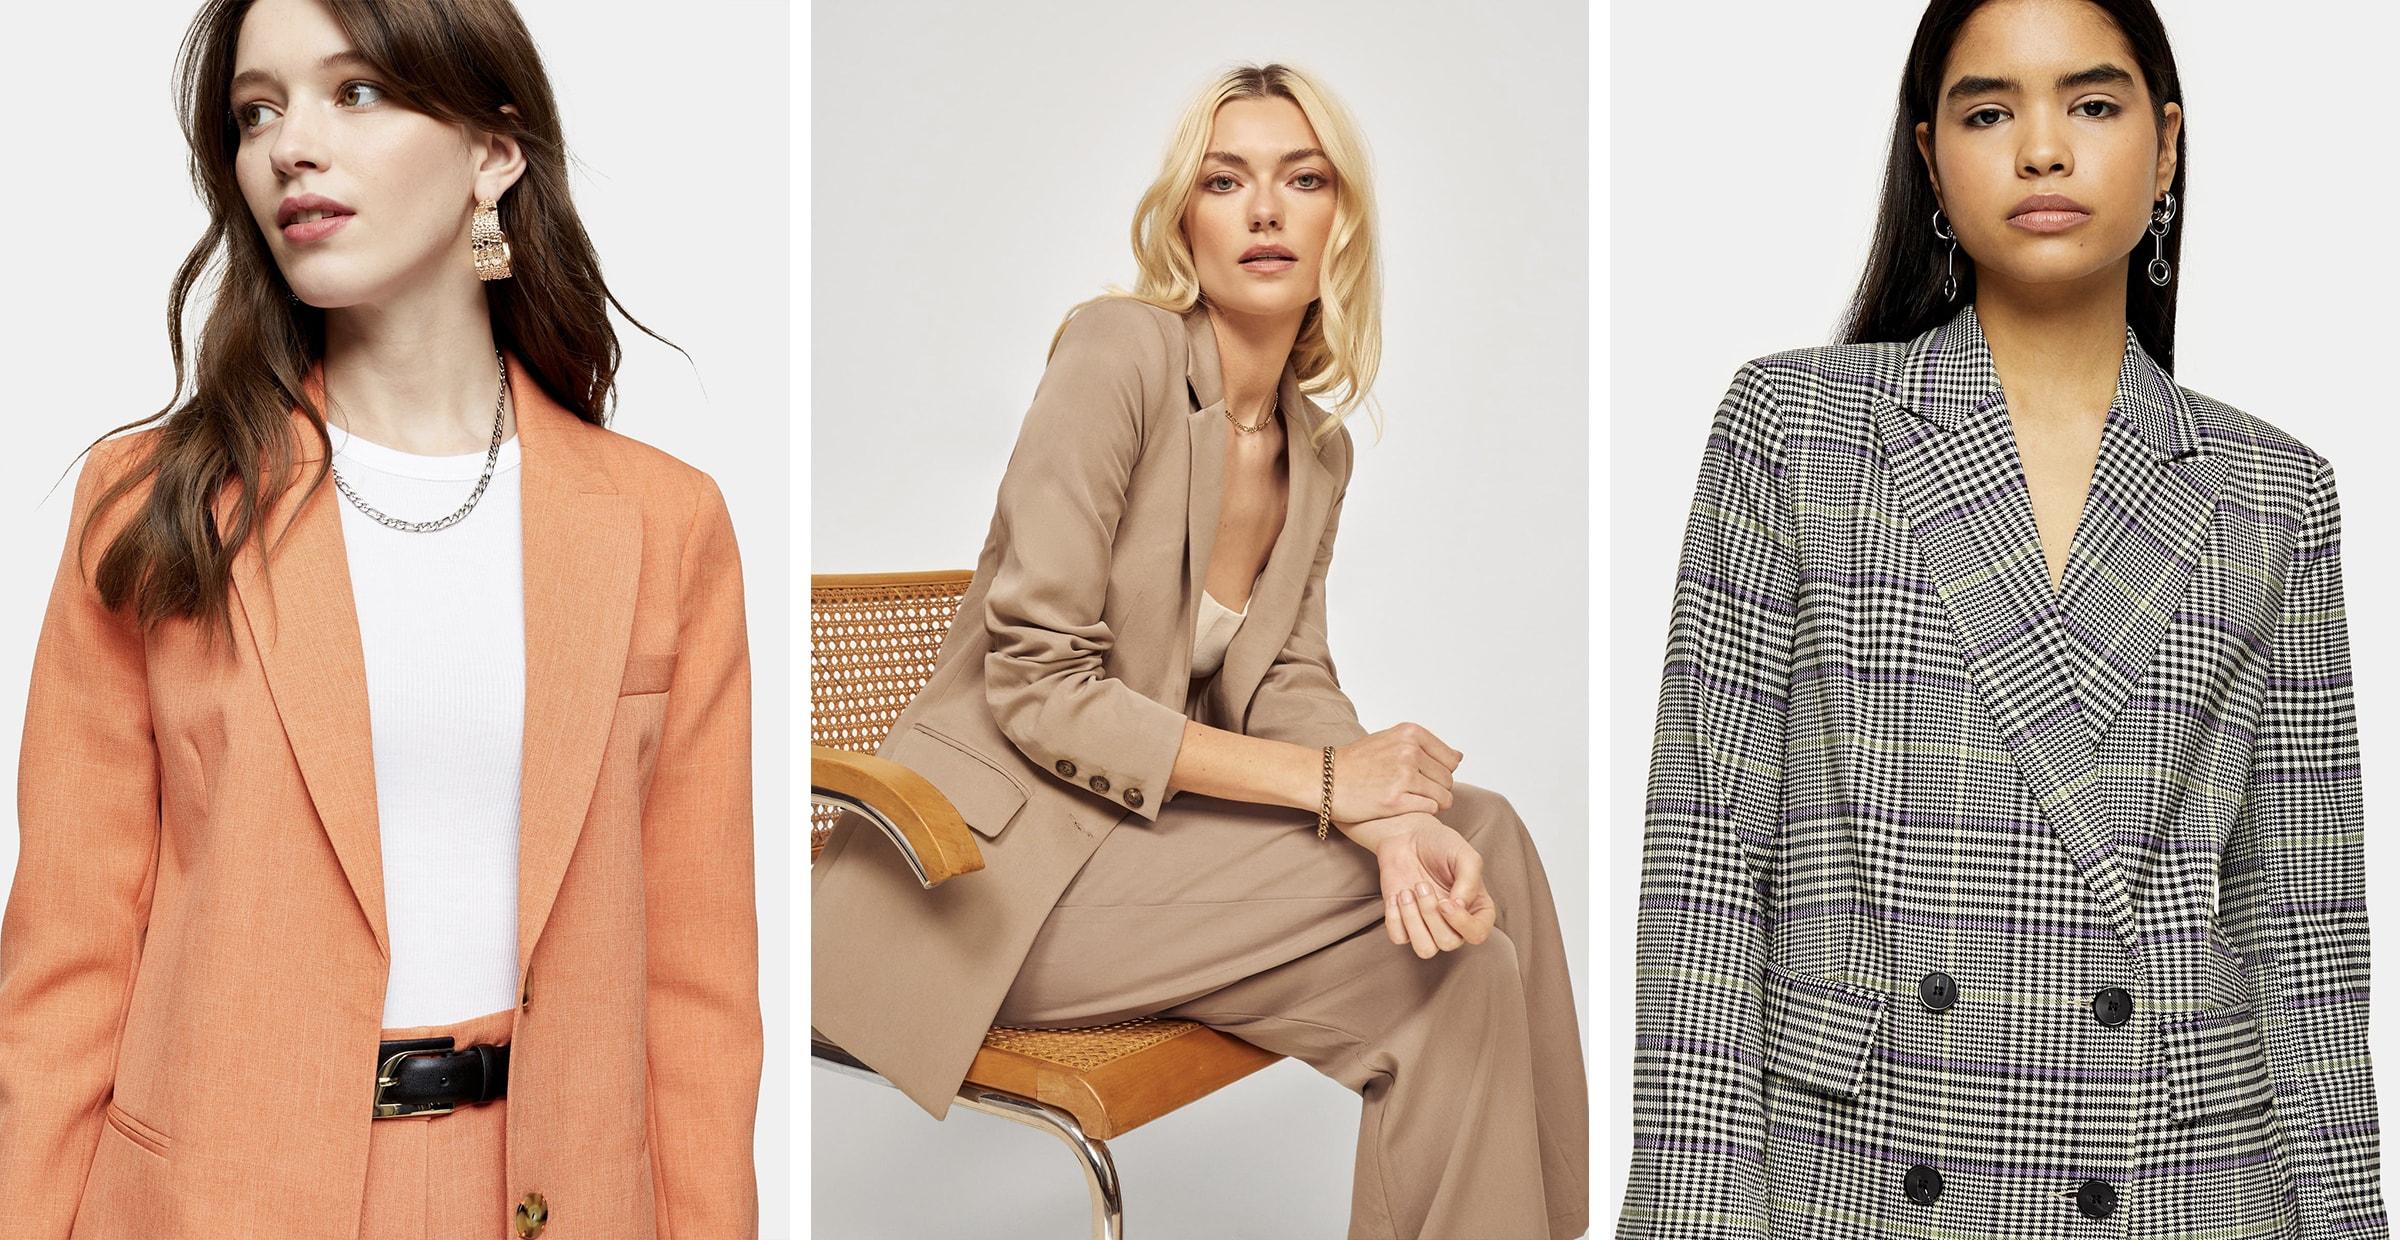 womens blazer styles